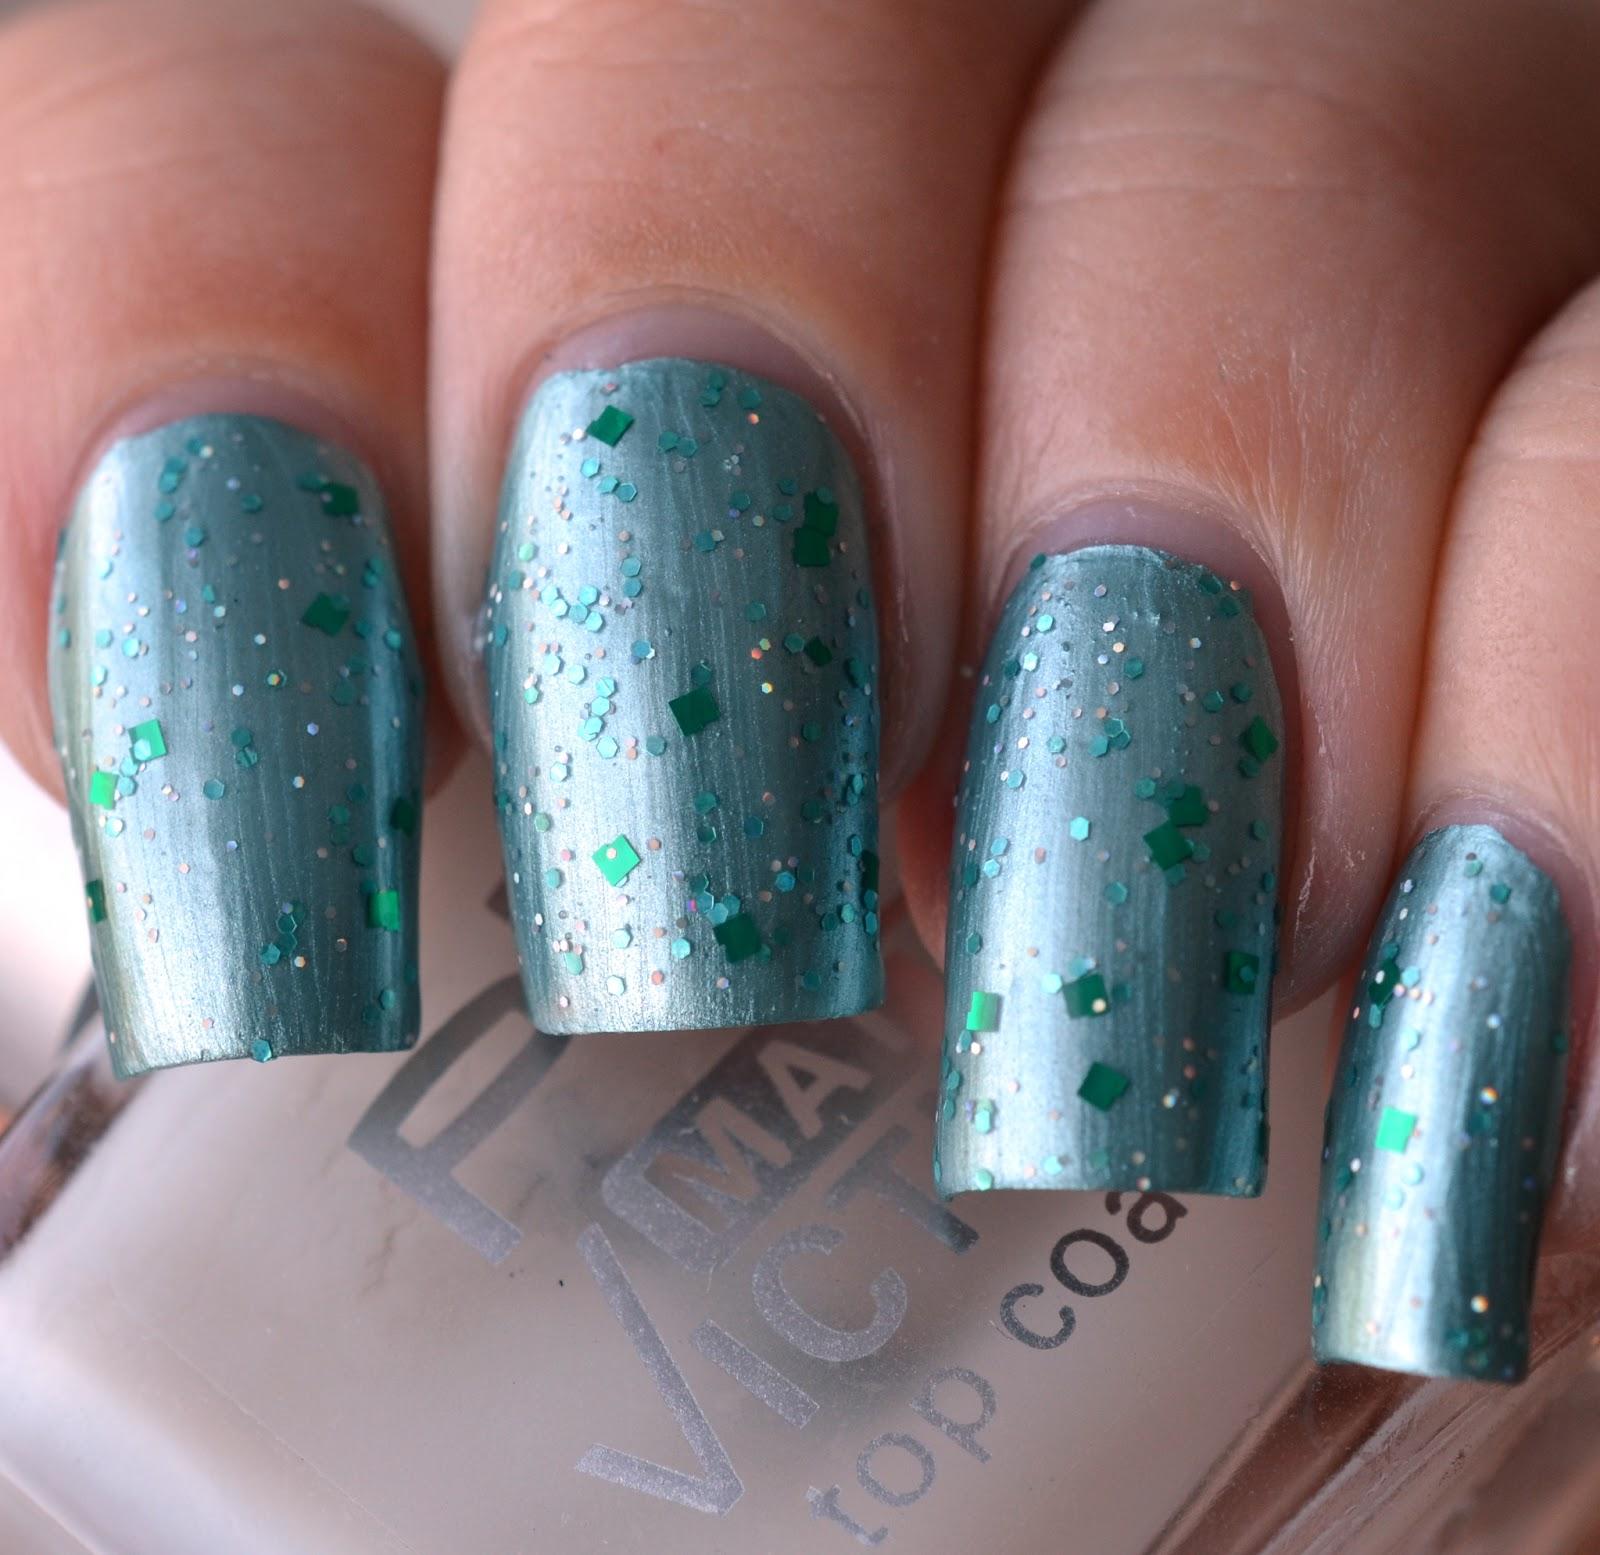 http://lenas-sofa.blogspot.de/2014/09/artdeco-chrome-nail-lacquer-22-metallic.html